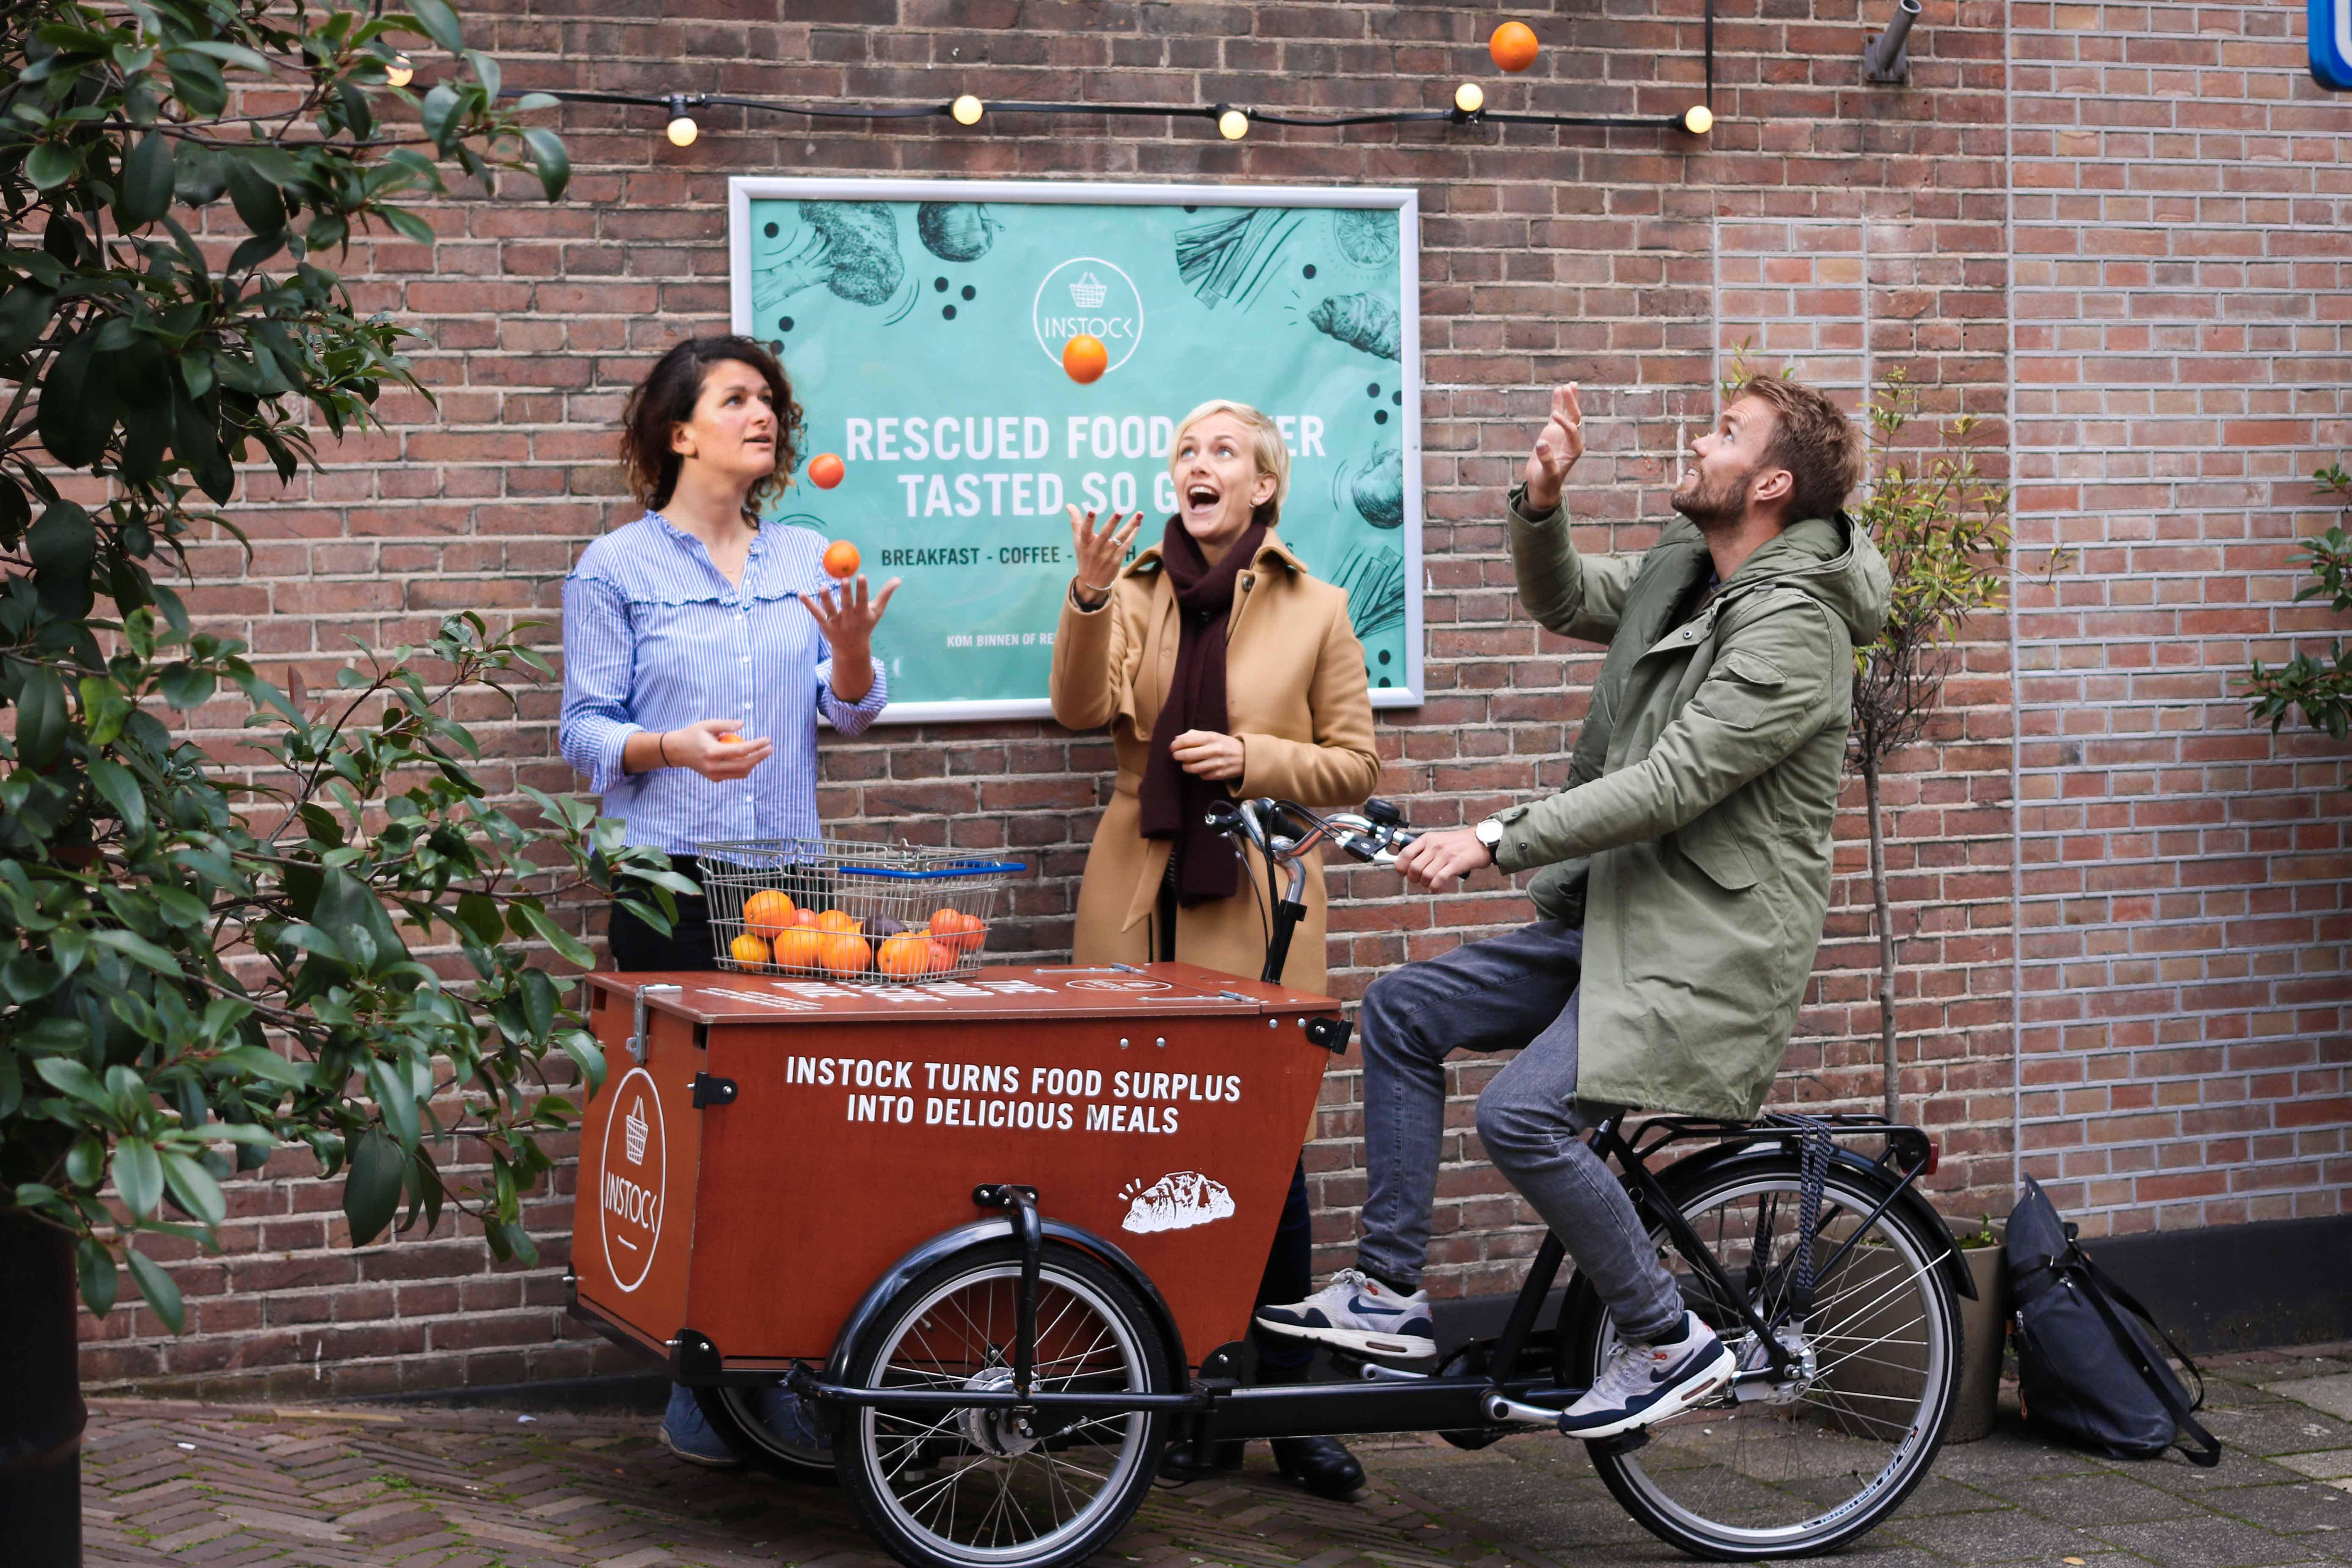 Selma Seddik Freke van Nimwegen and Bart Roetert c-founders of Instock